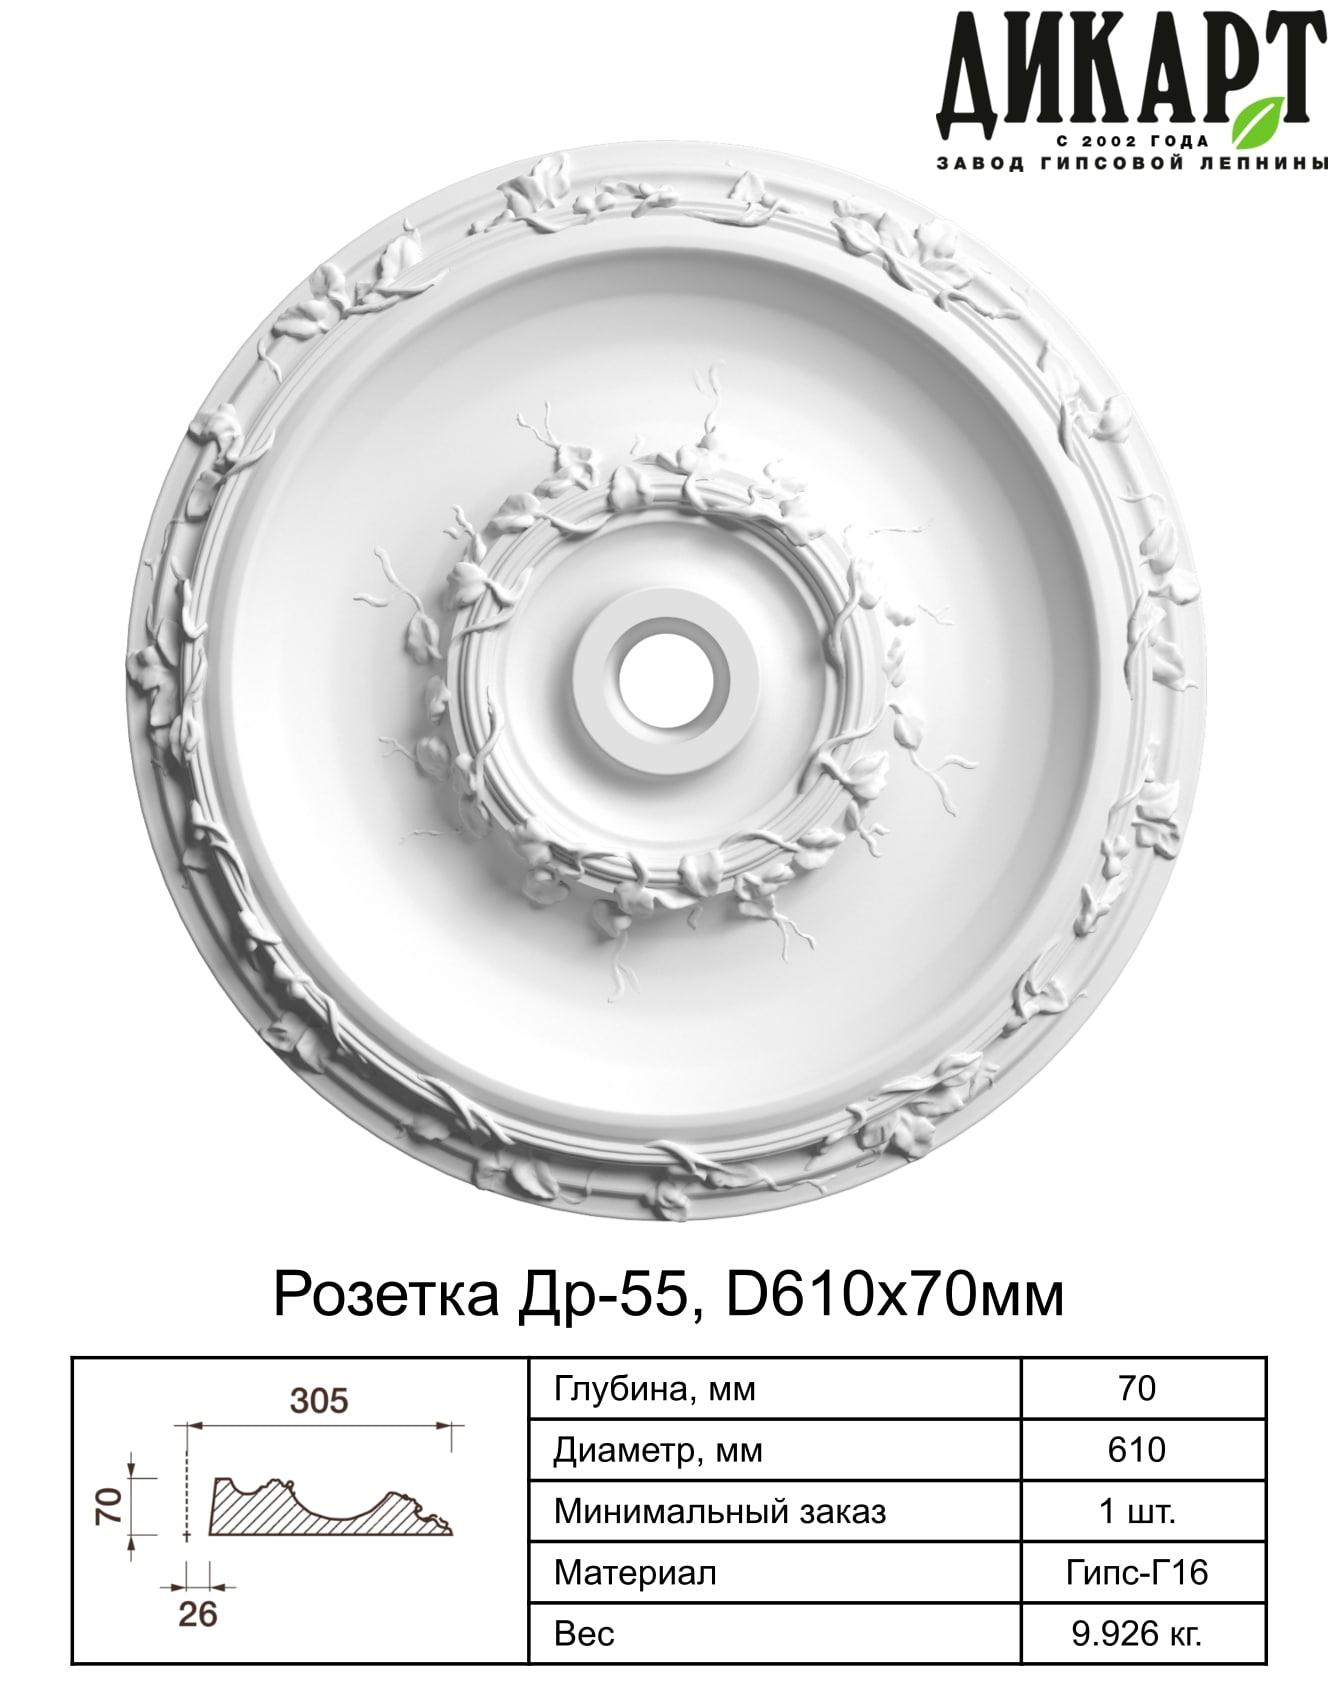 Розетка_Др-55 Розетка (0  0  0 )